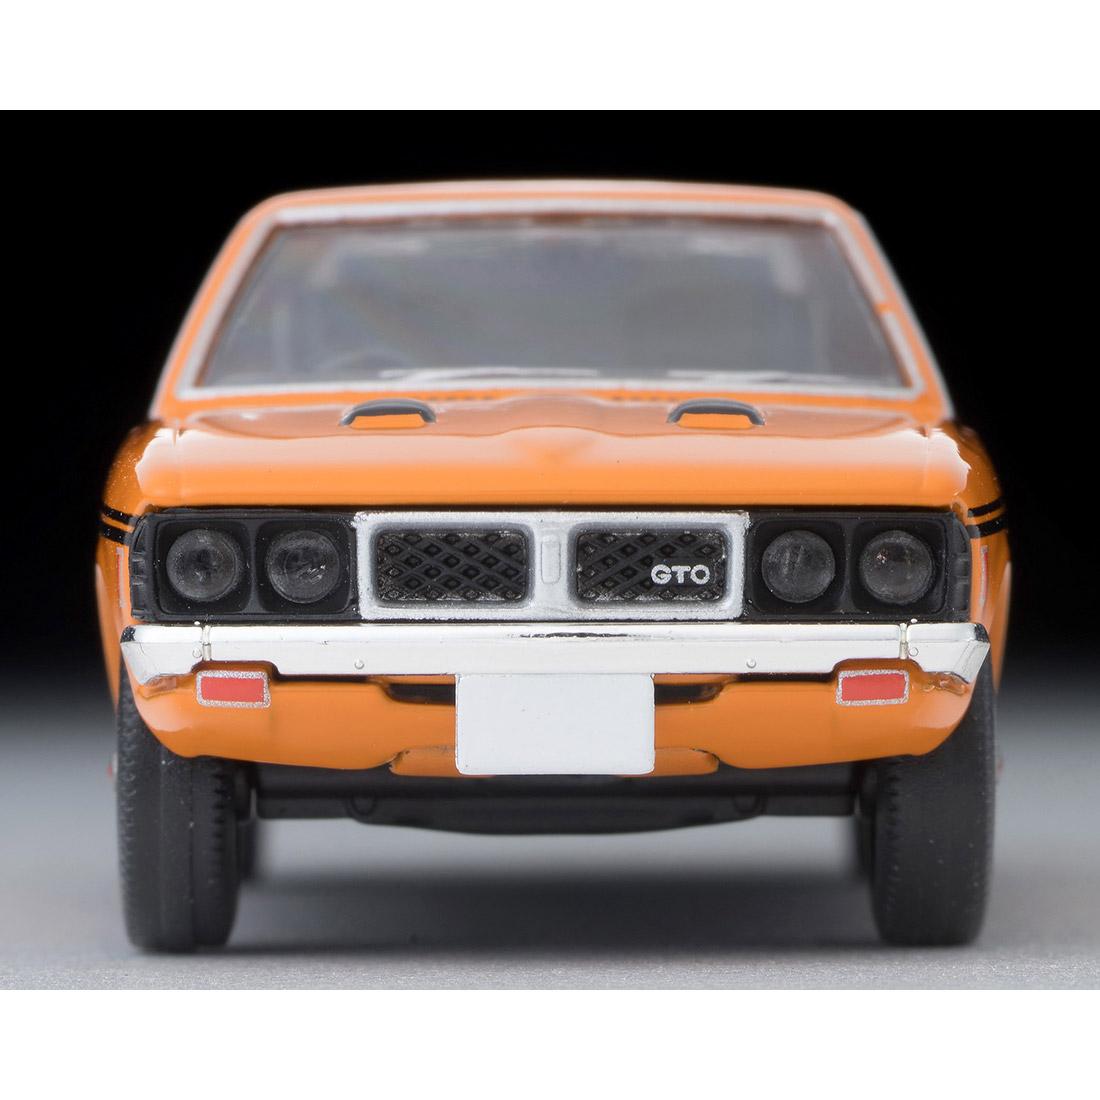 トミカリミテッドヴィンテージ ネオ LV-N204a『コルトギャランGTO MR(橙)』1/64 ミニカー-004